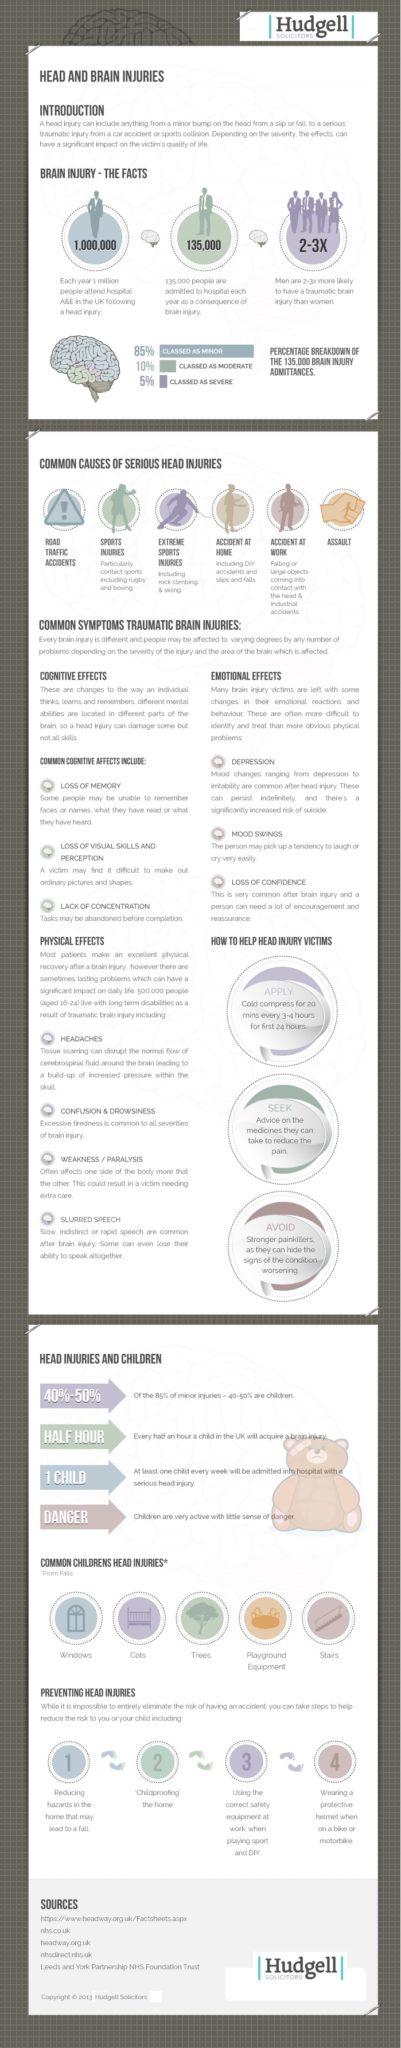 Brain injury infographic